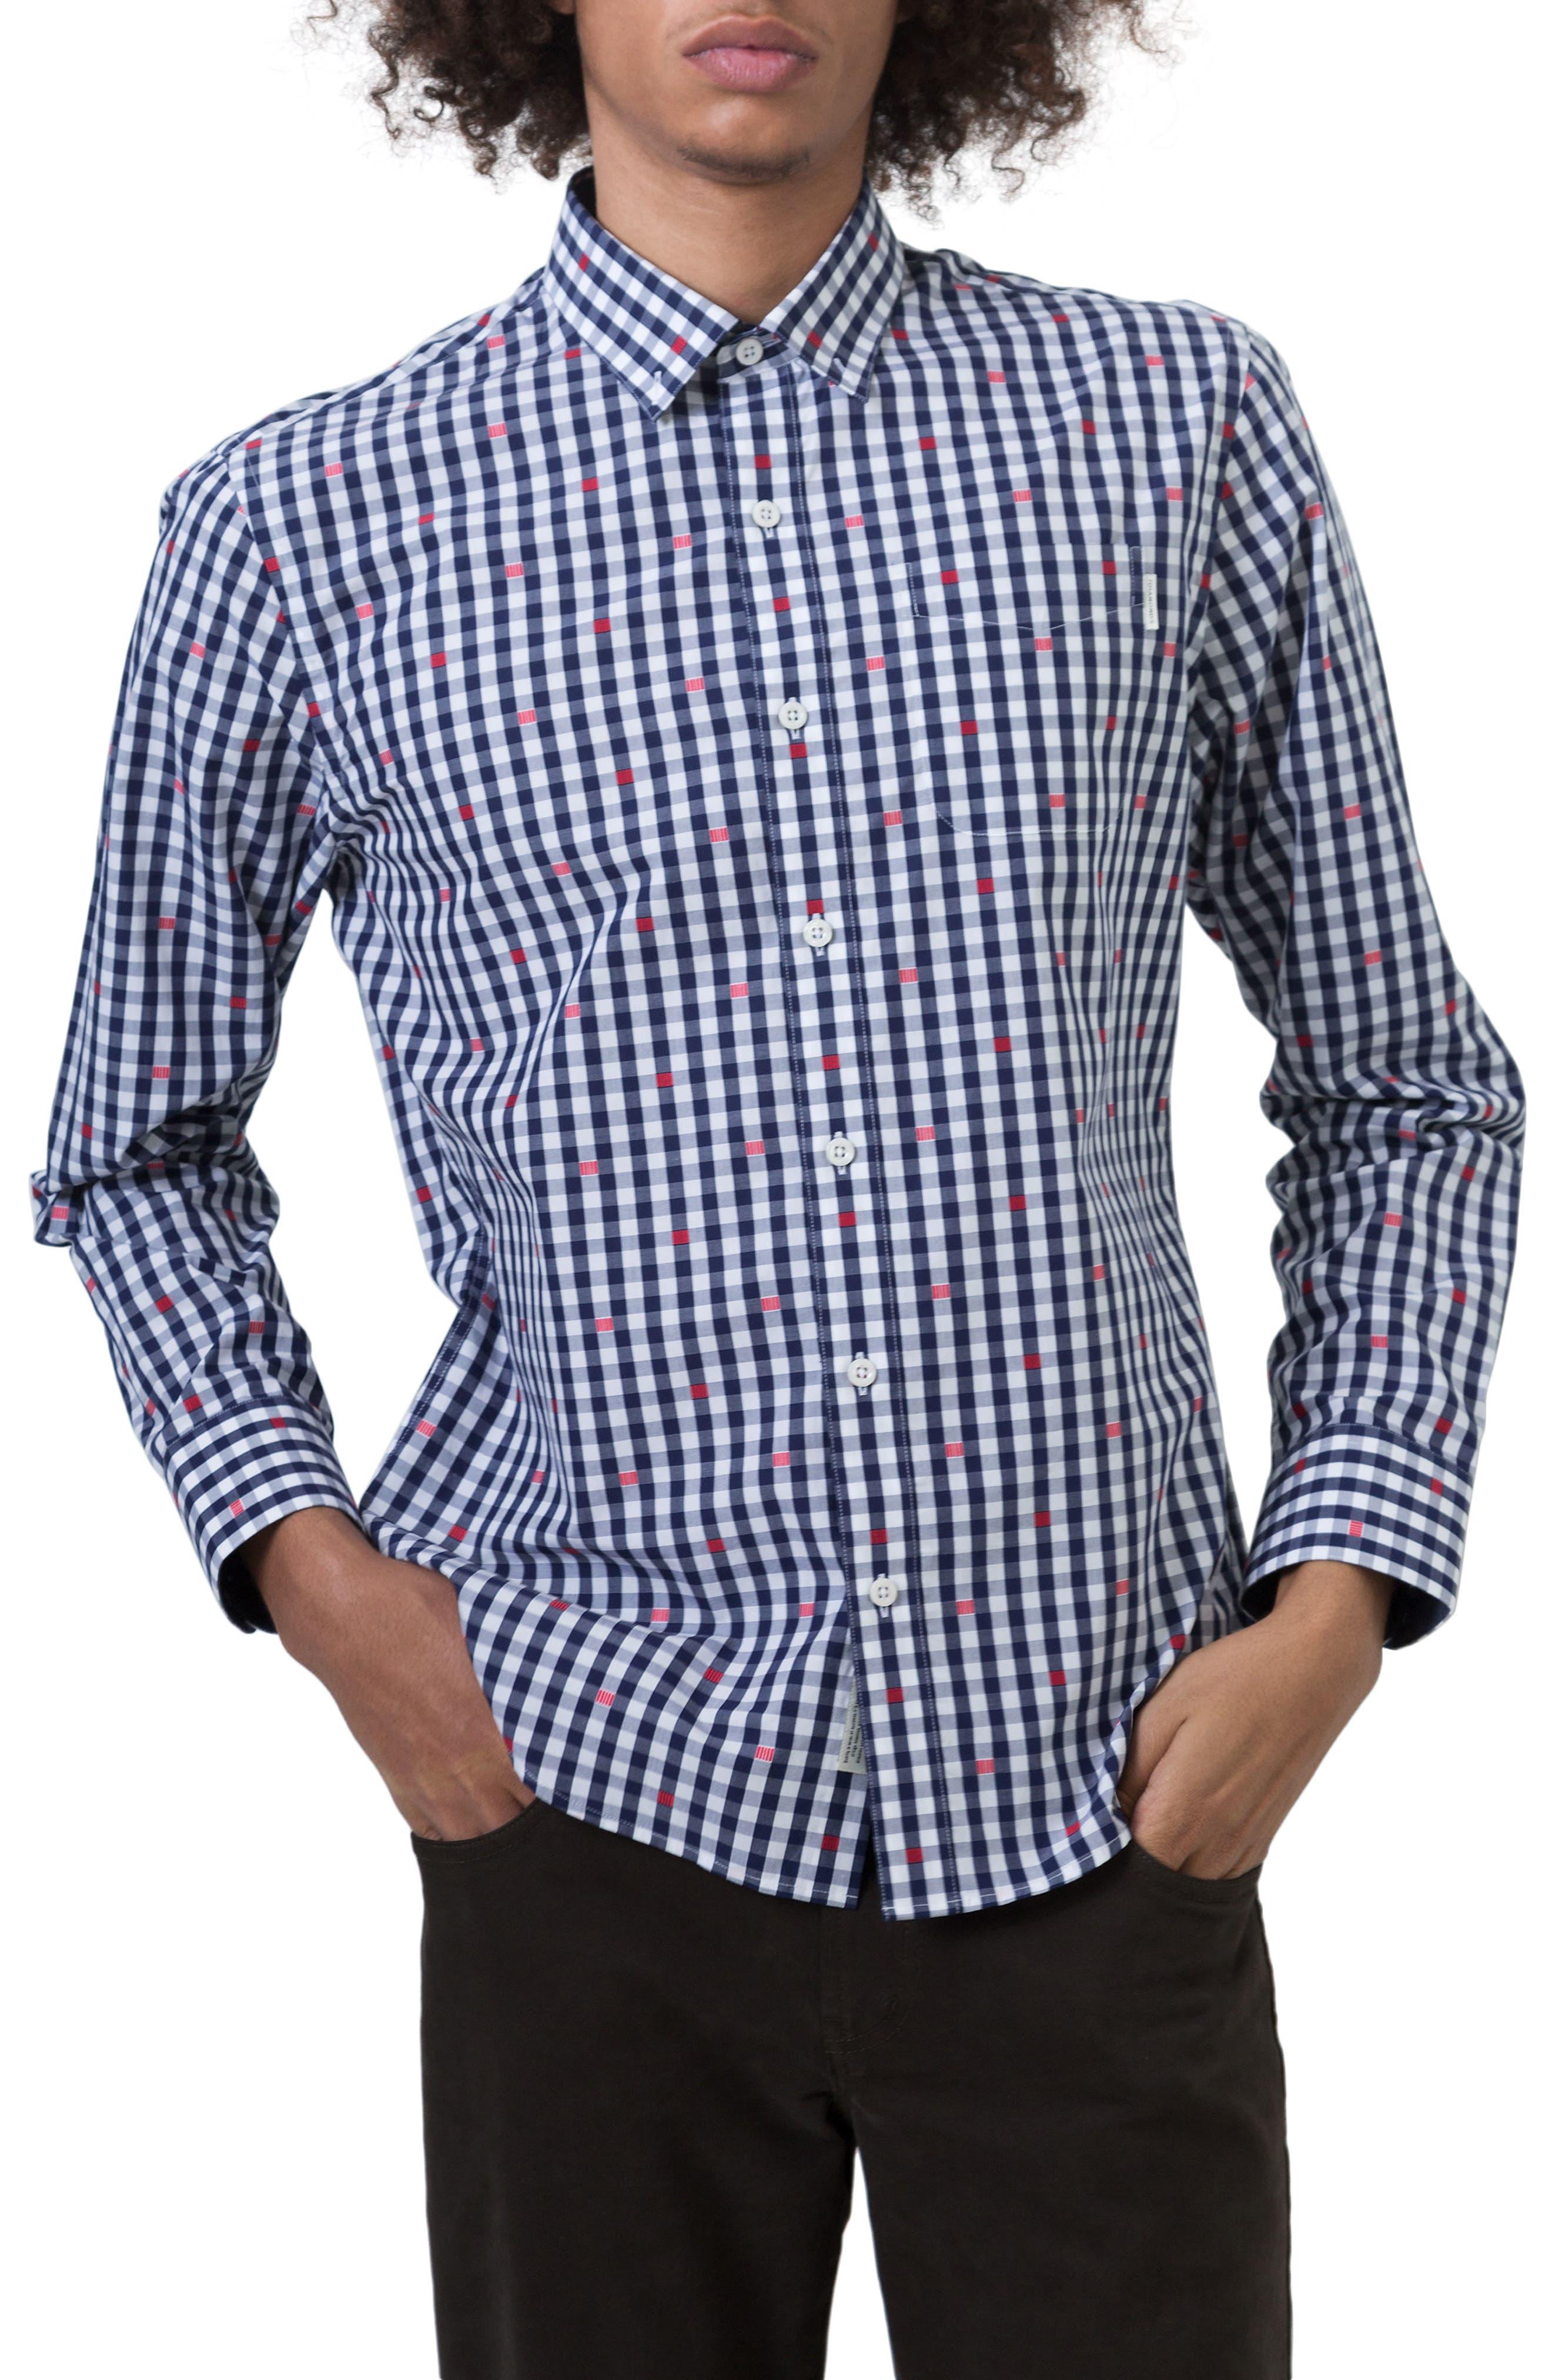 Petrichor Woven Shirt,                         Main,                         color, Navy